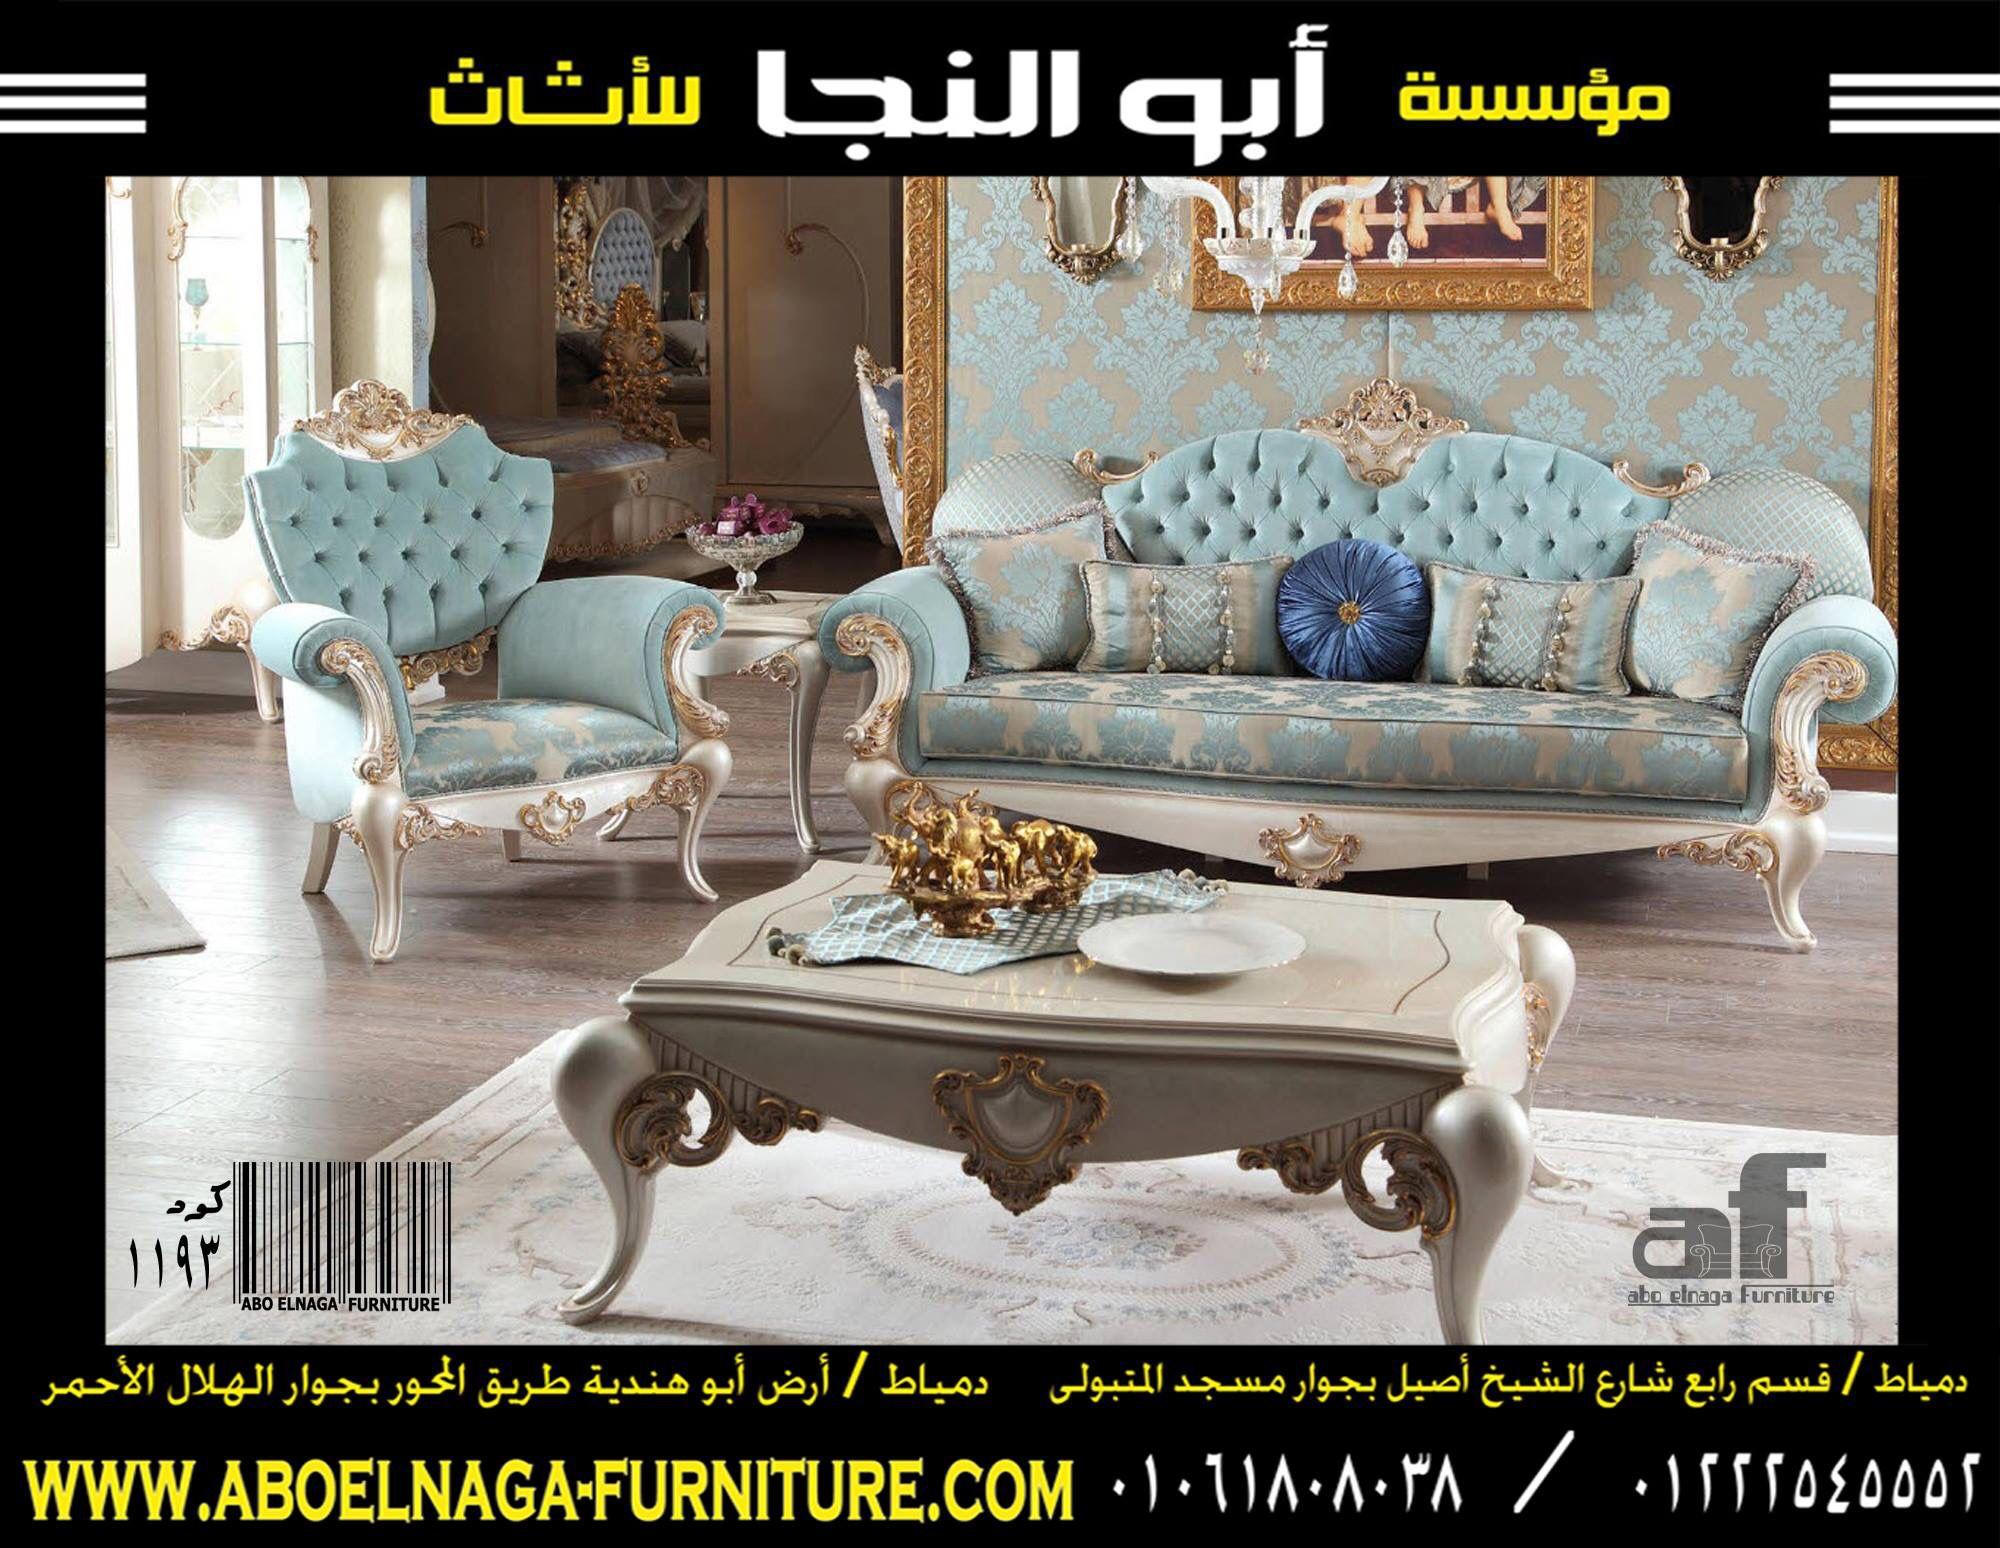 كود ١١٩٣ Home Decor Love Seat Furniture